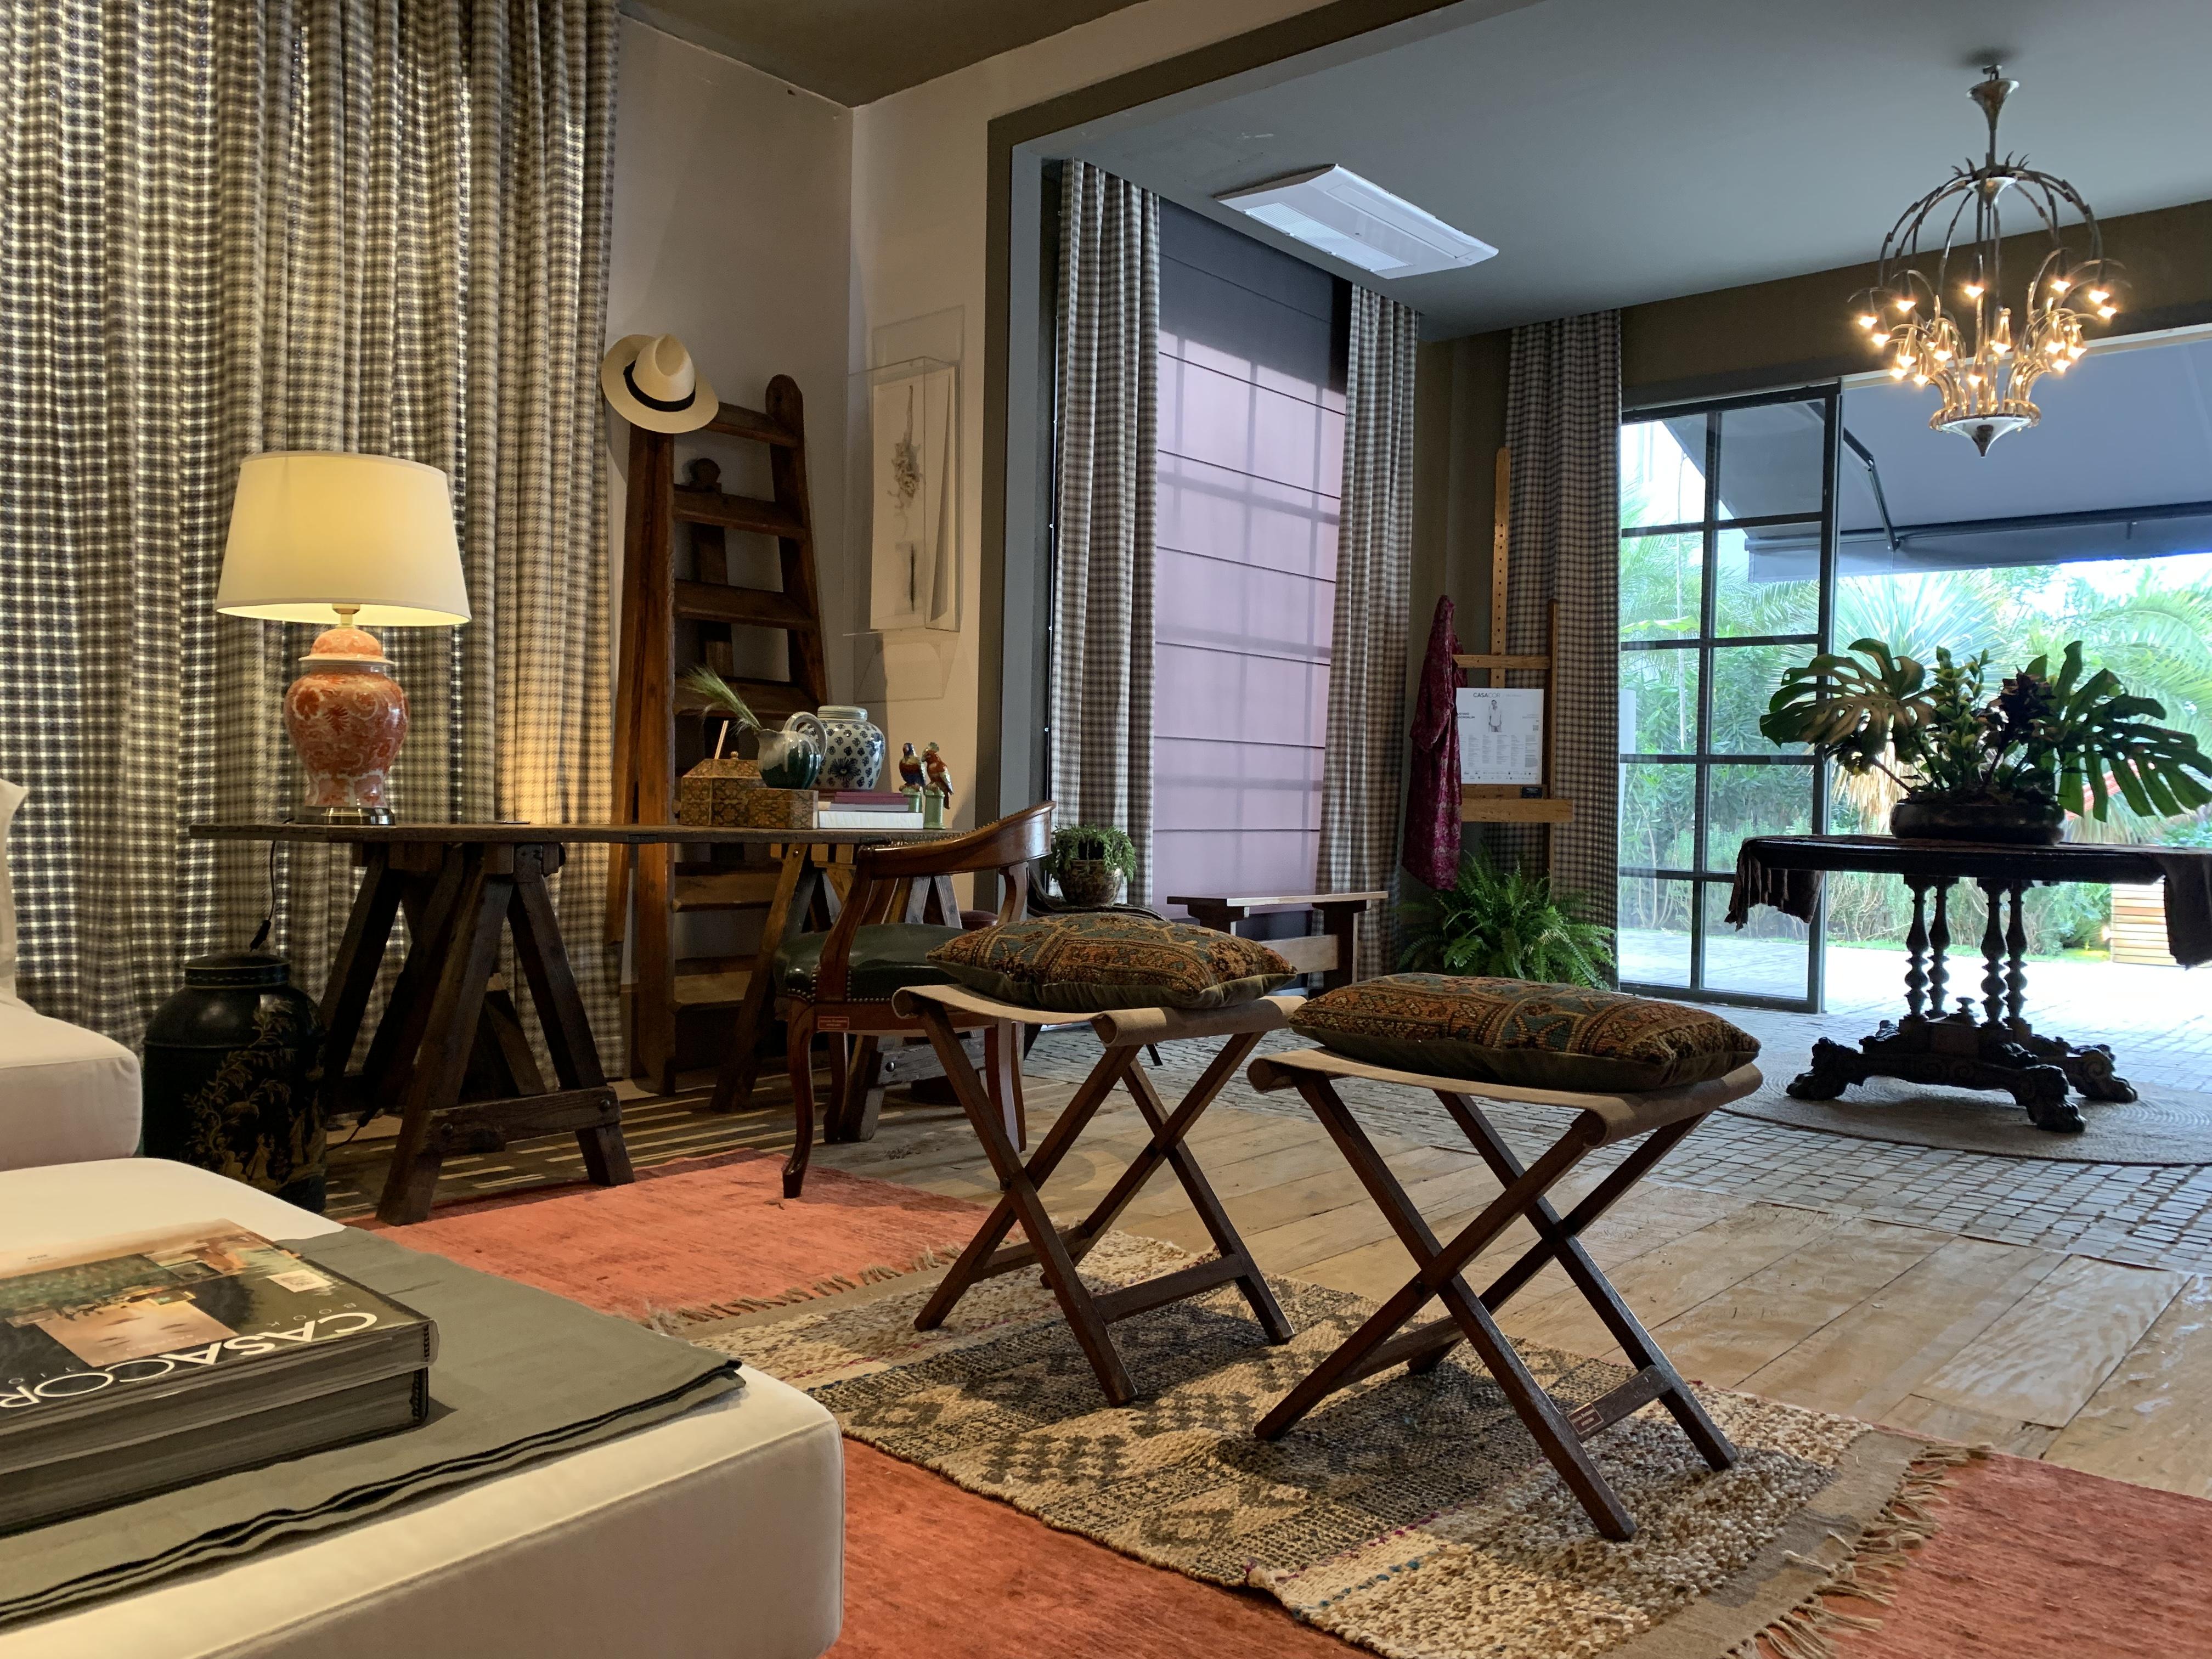 Fotografia do living e hall com visão para área externa. Em primeiro plano estão bancos de madeira retrateis e tapete étnico. Em segundo plano, lustre e mesa do hall. E ao fundo, a porta de vidro.